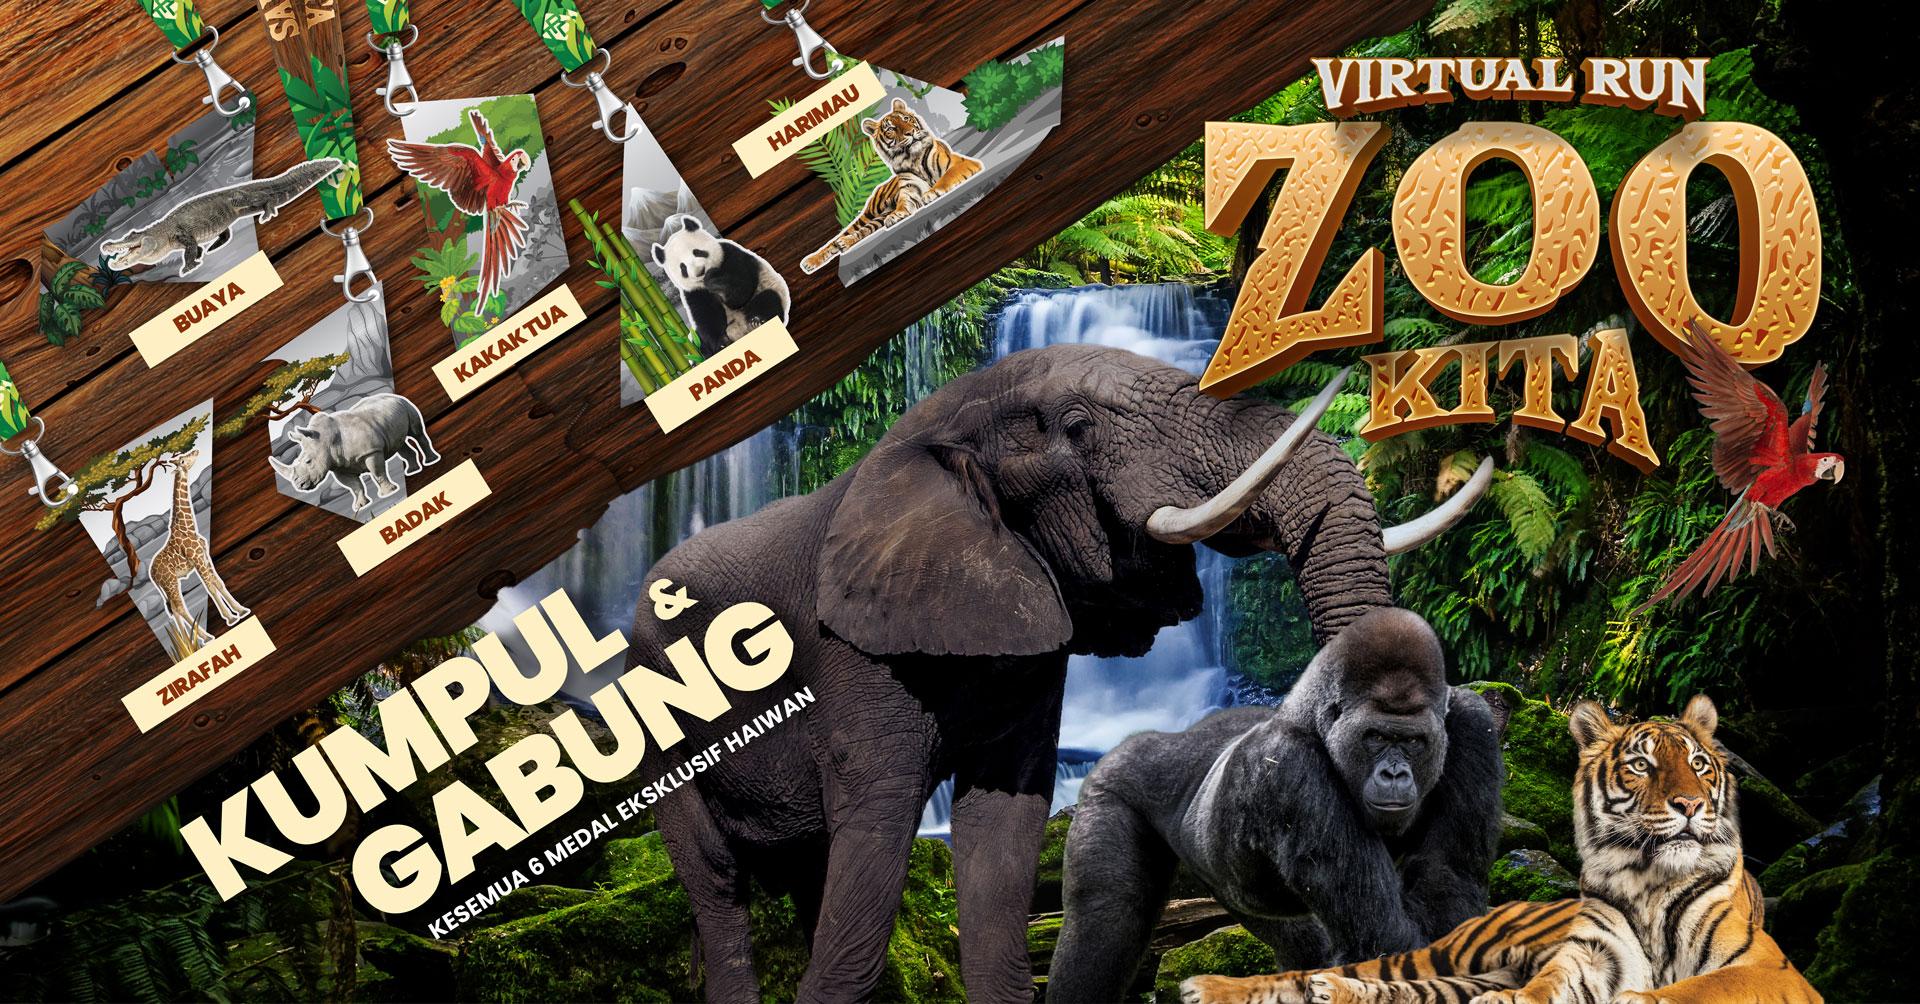 Logo of TRD Zoo Kita Virtual Run 2021